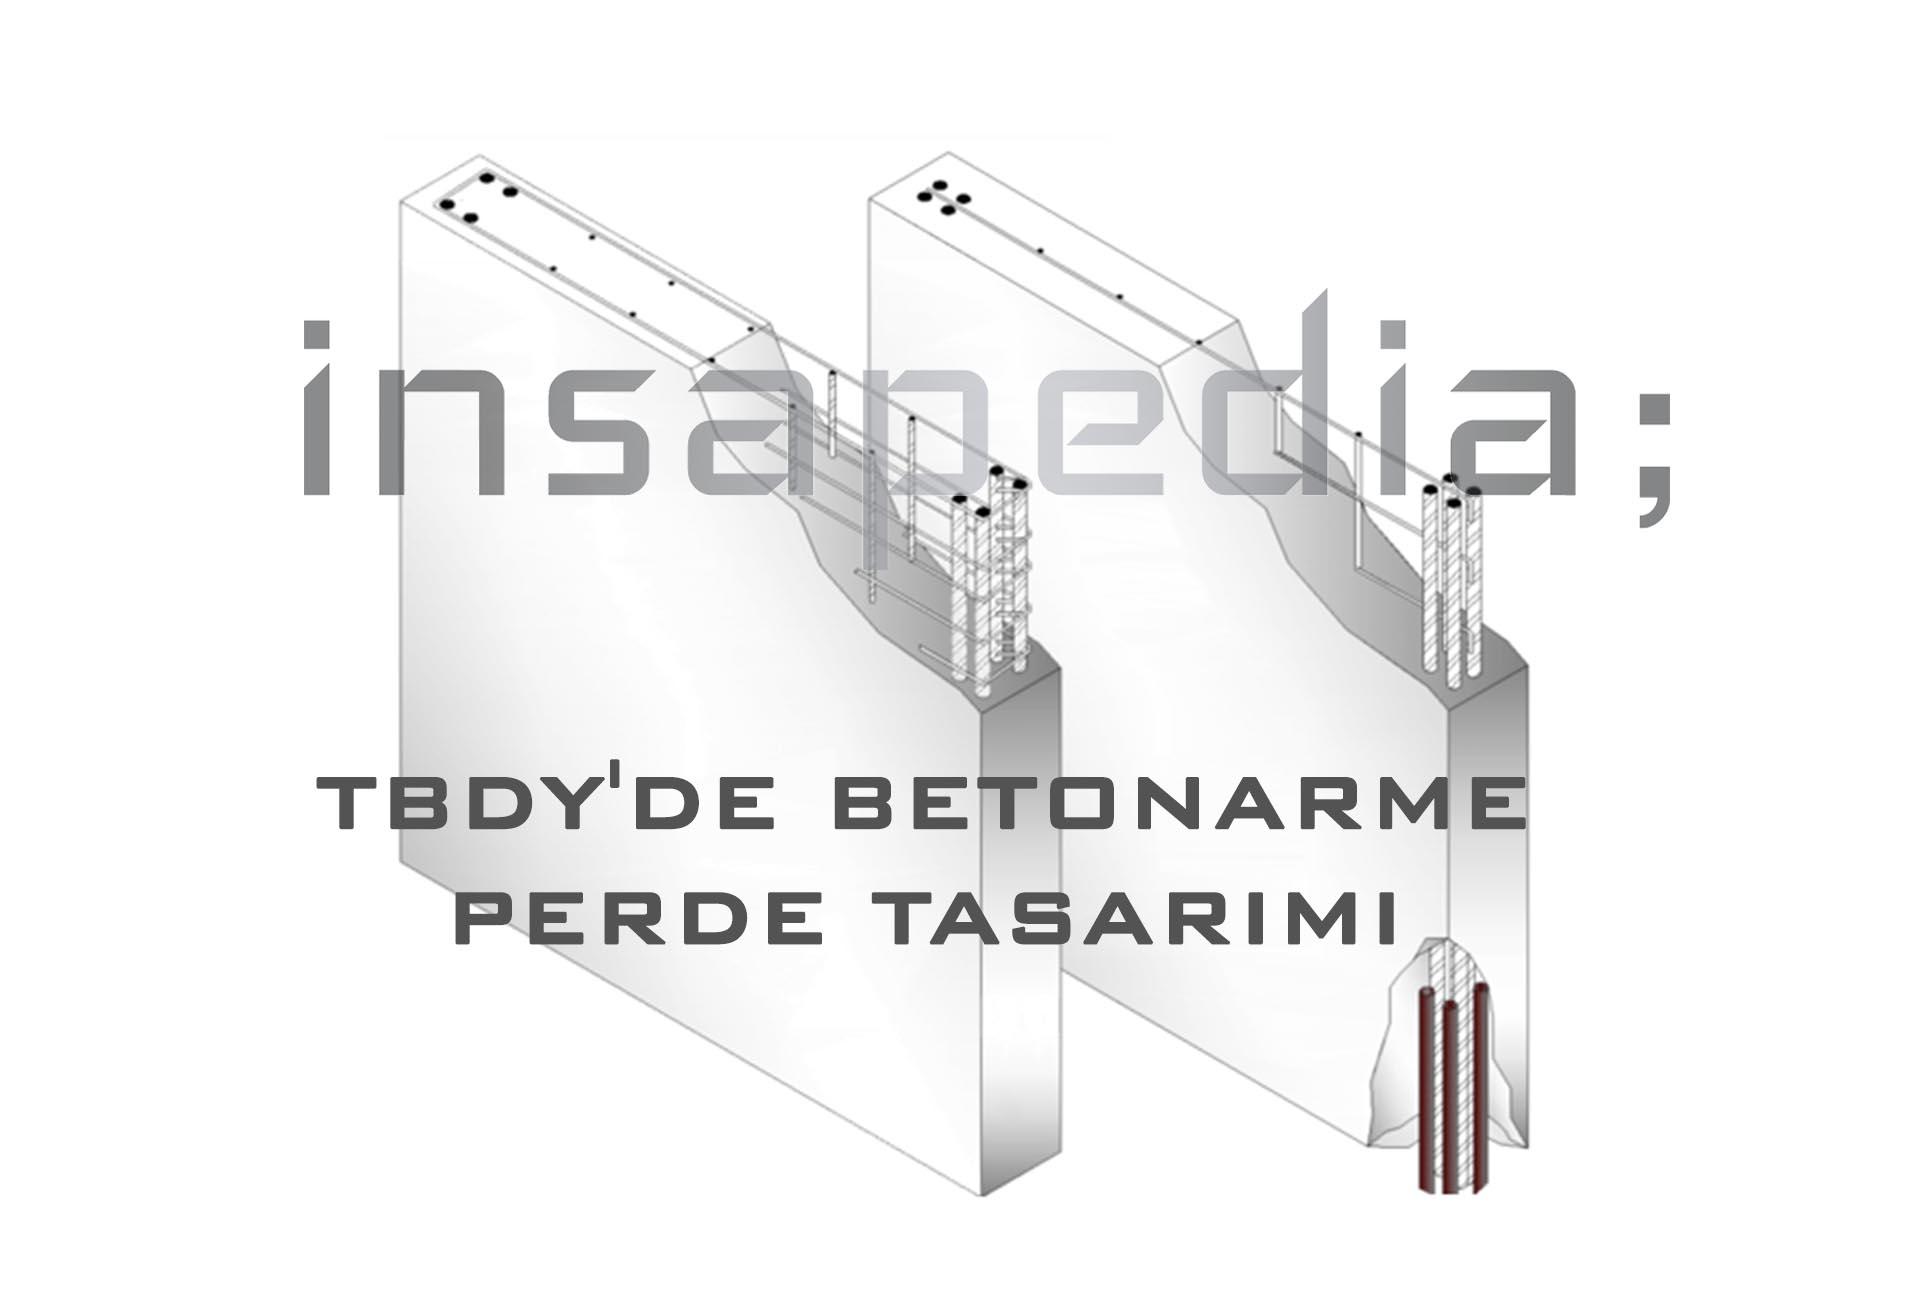 TBDY Betonarme Perde Tasarımı